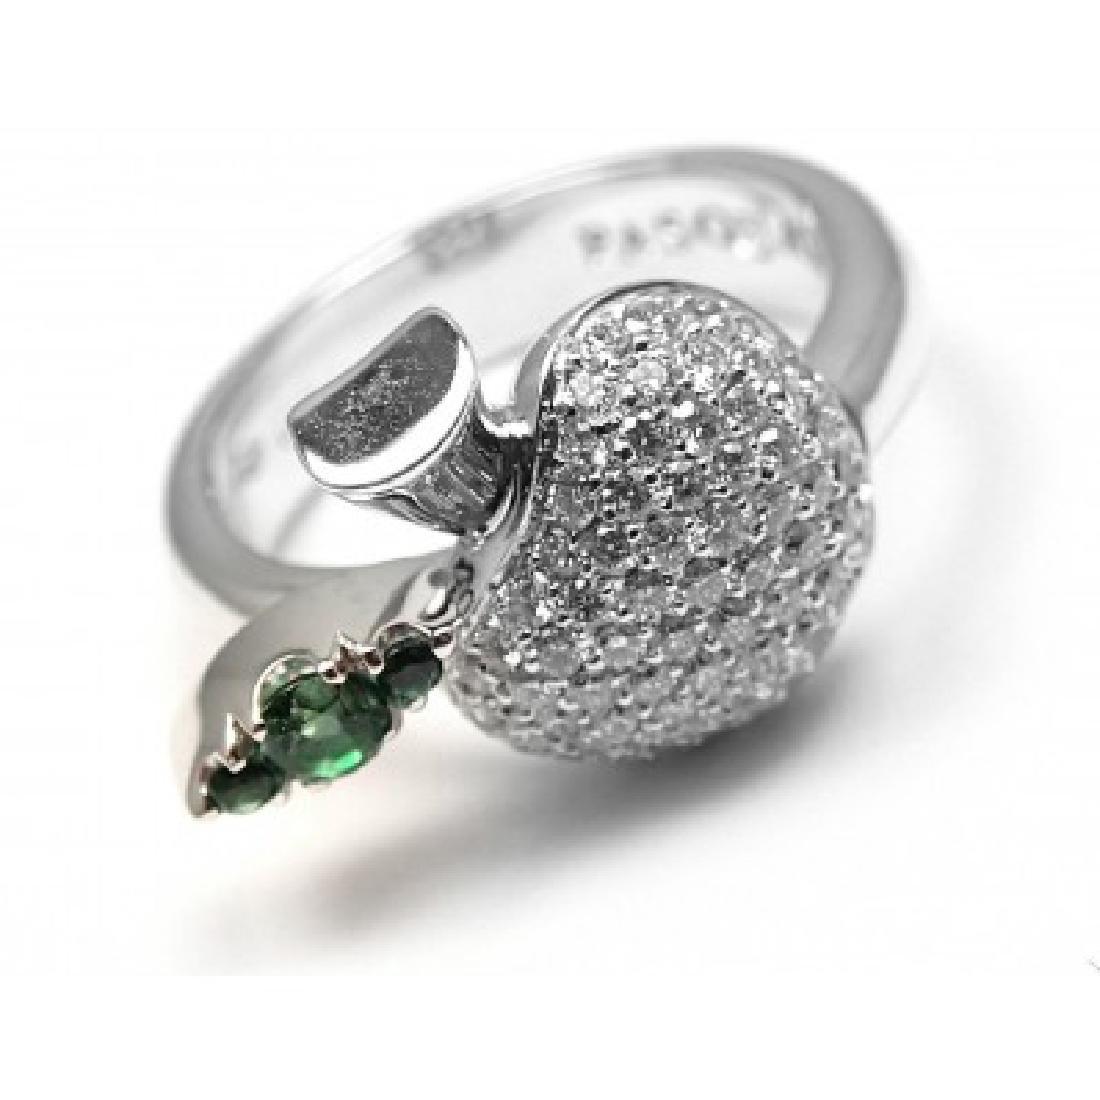 PASQUALE BRUNI 18K APPLE DIAMOND TENTAZIONE RING